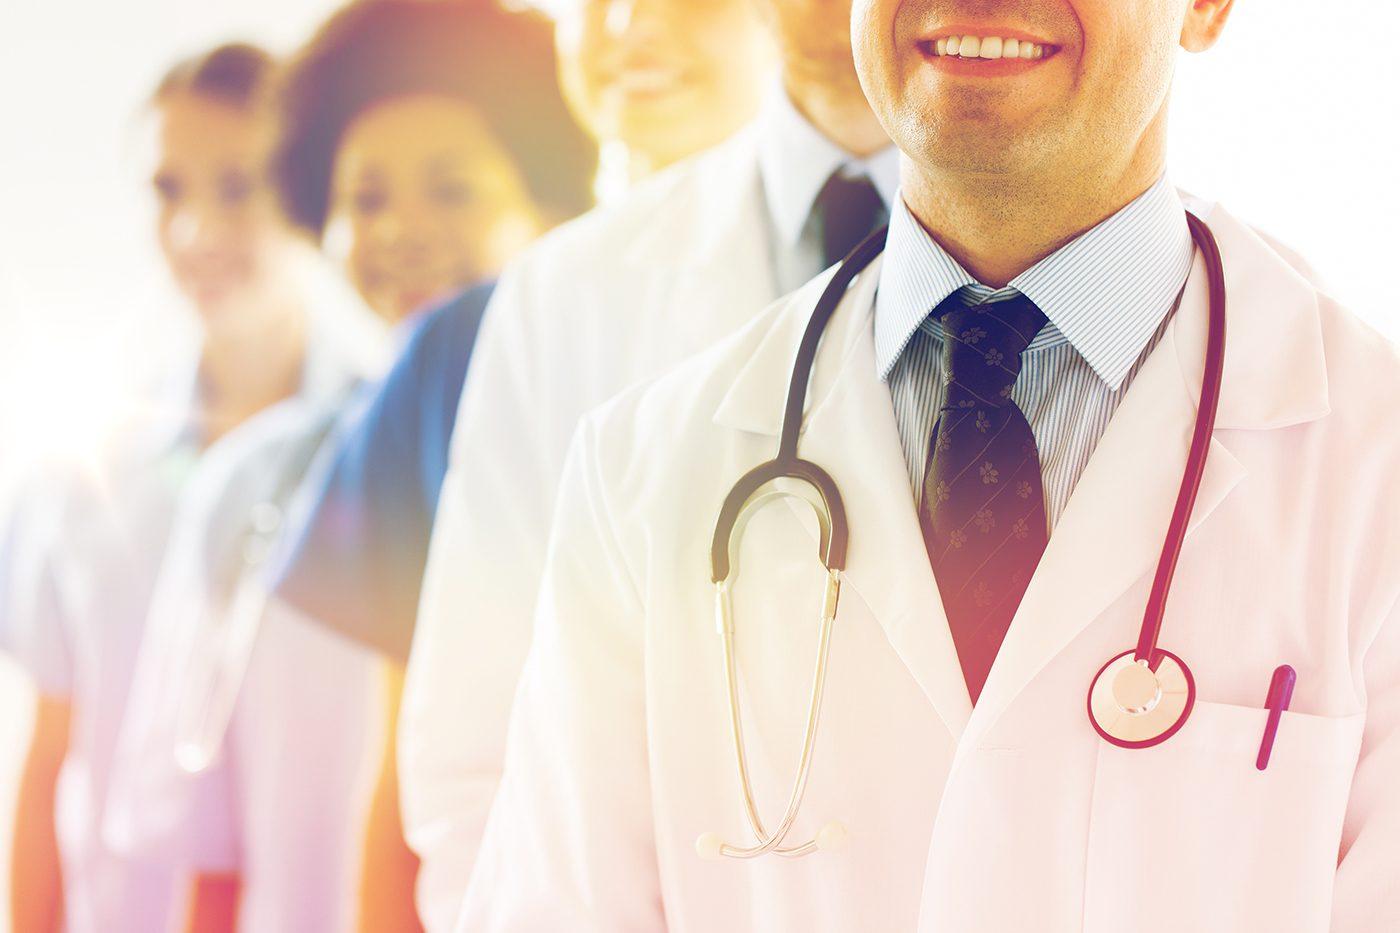 医療業界のベストプラクティス事例